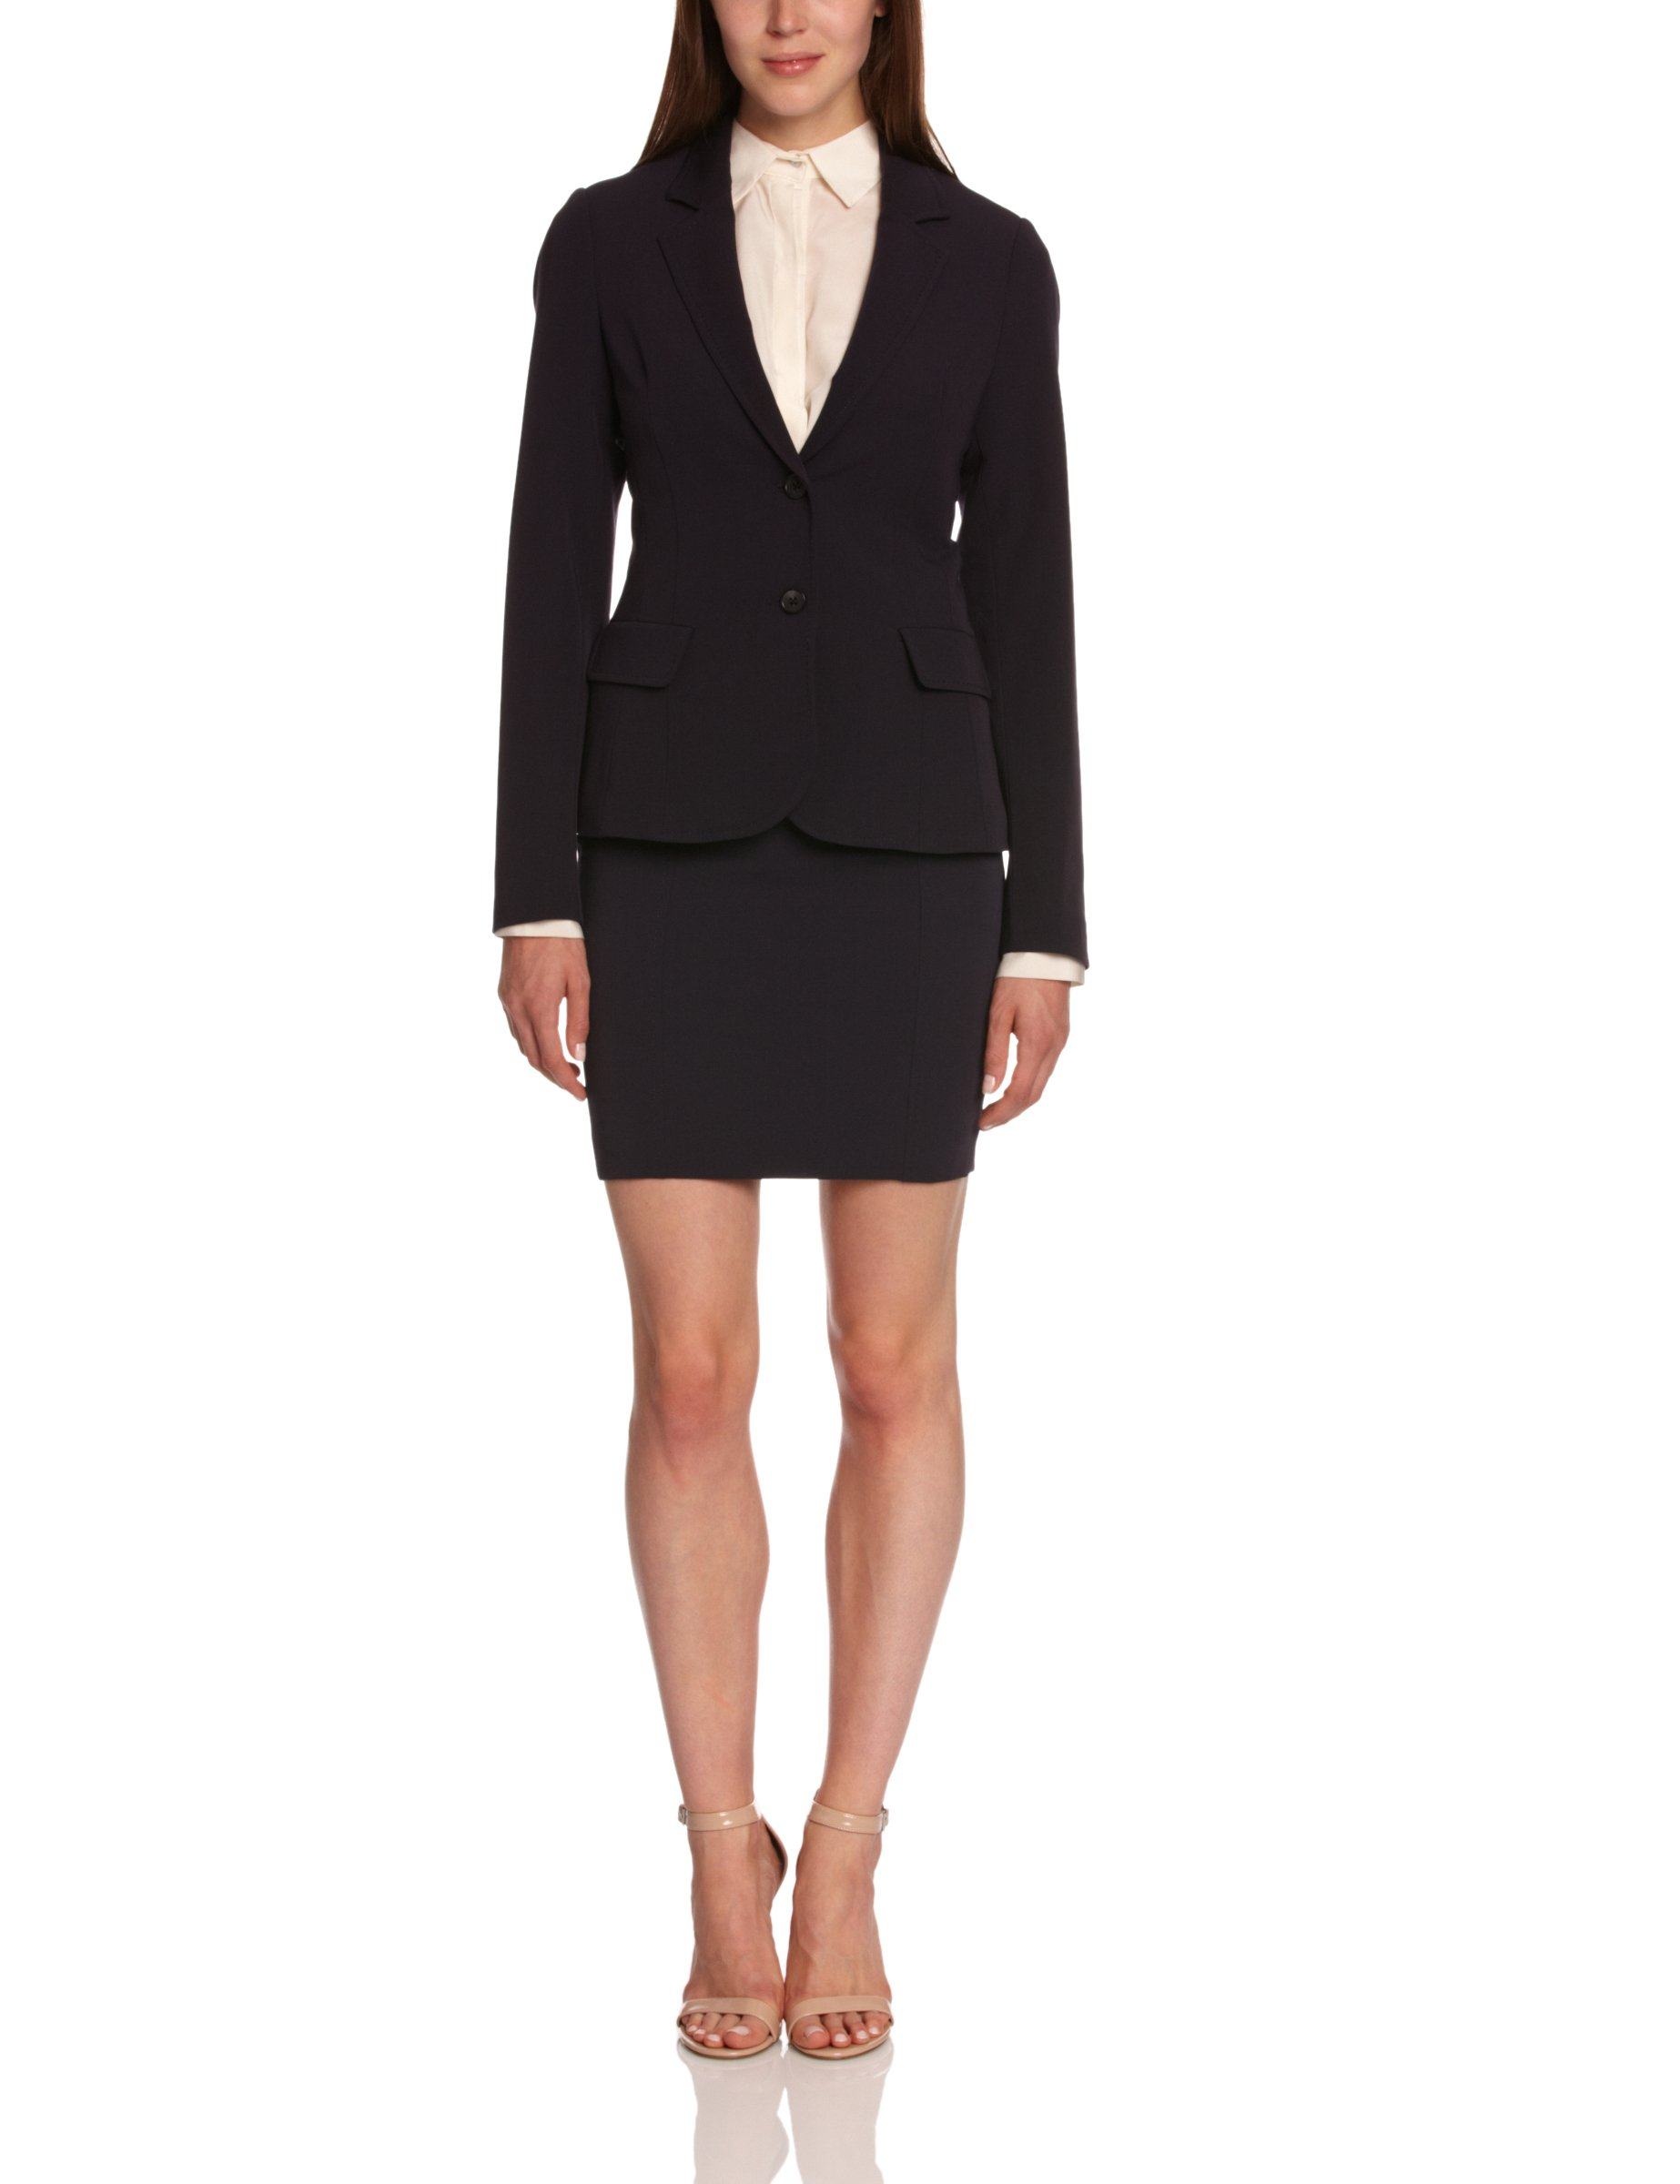 InwearBlazer Blue GraphiteFr36taille In Femme Wear Fournisseur34 Bleu21n QrxoBdCtsh